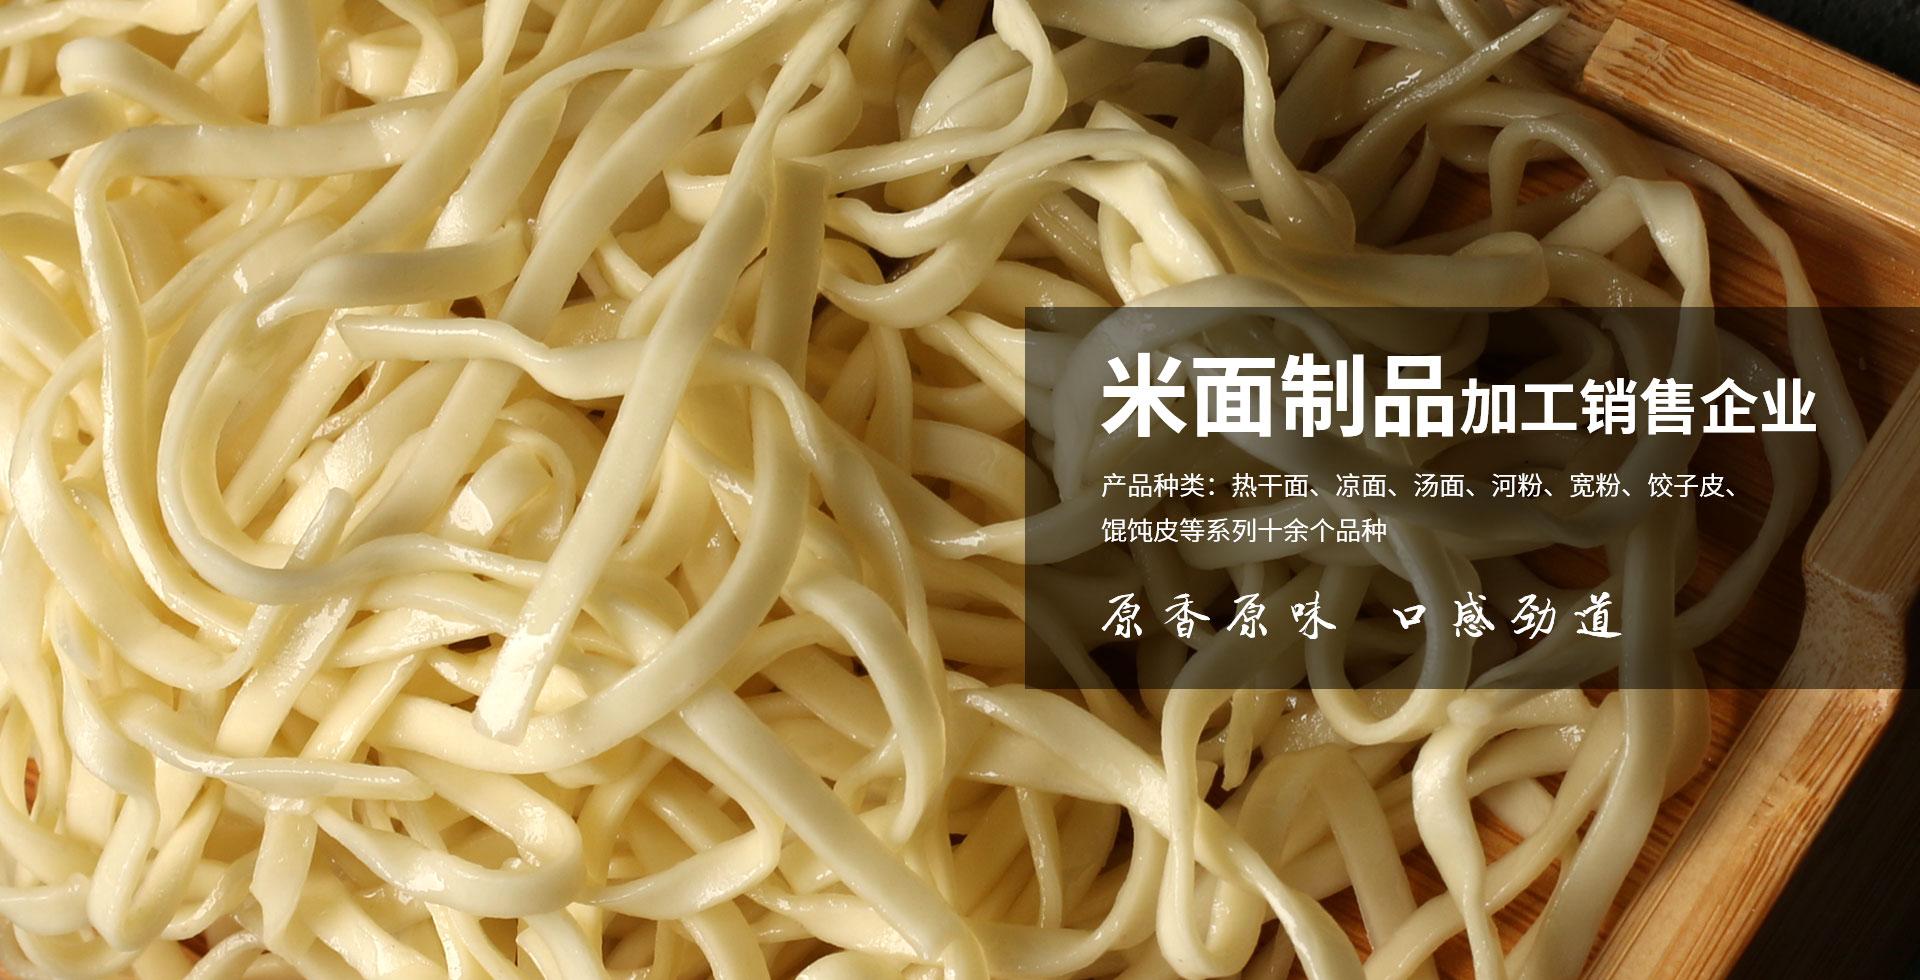 武汉热干面厂家